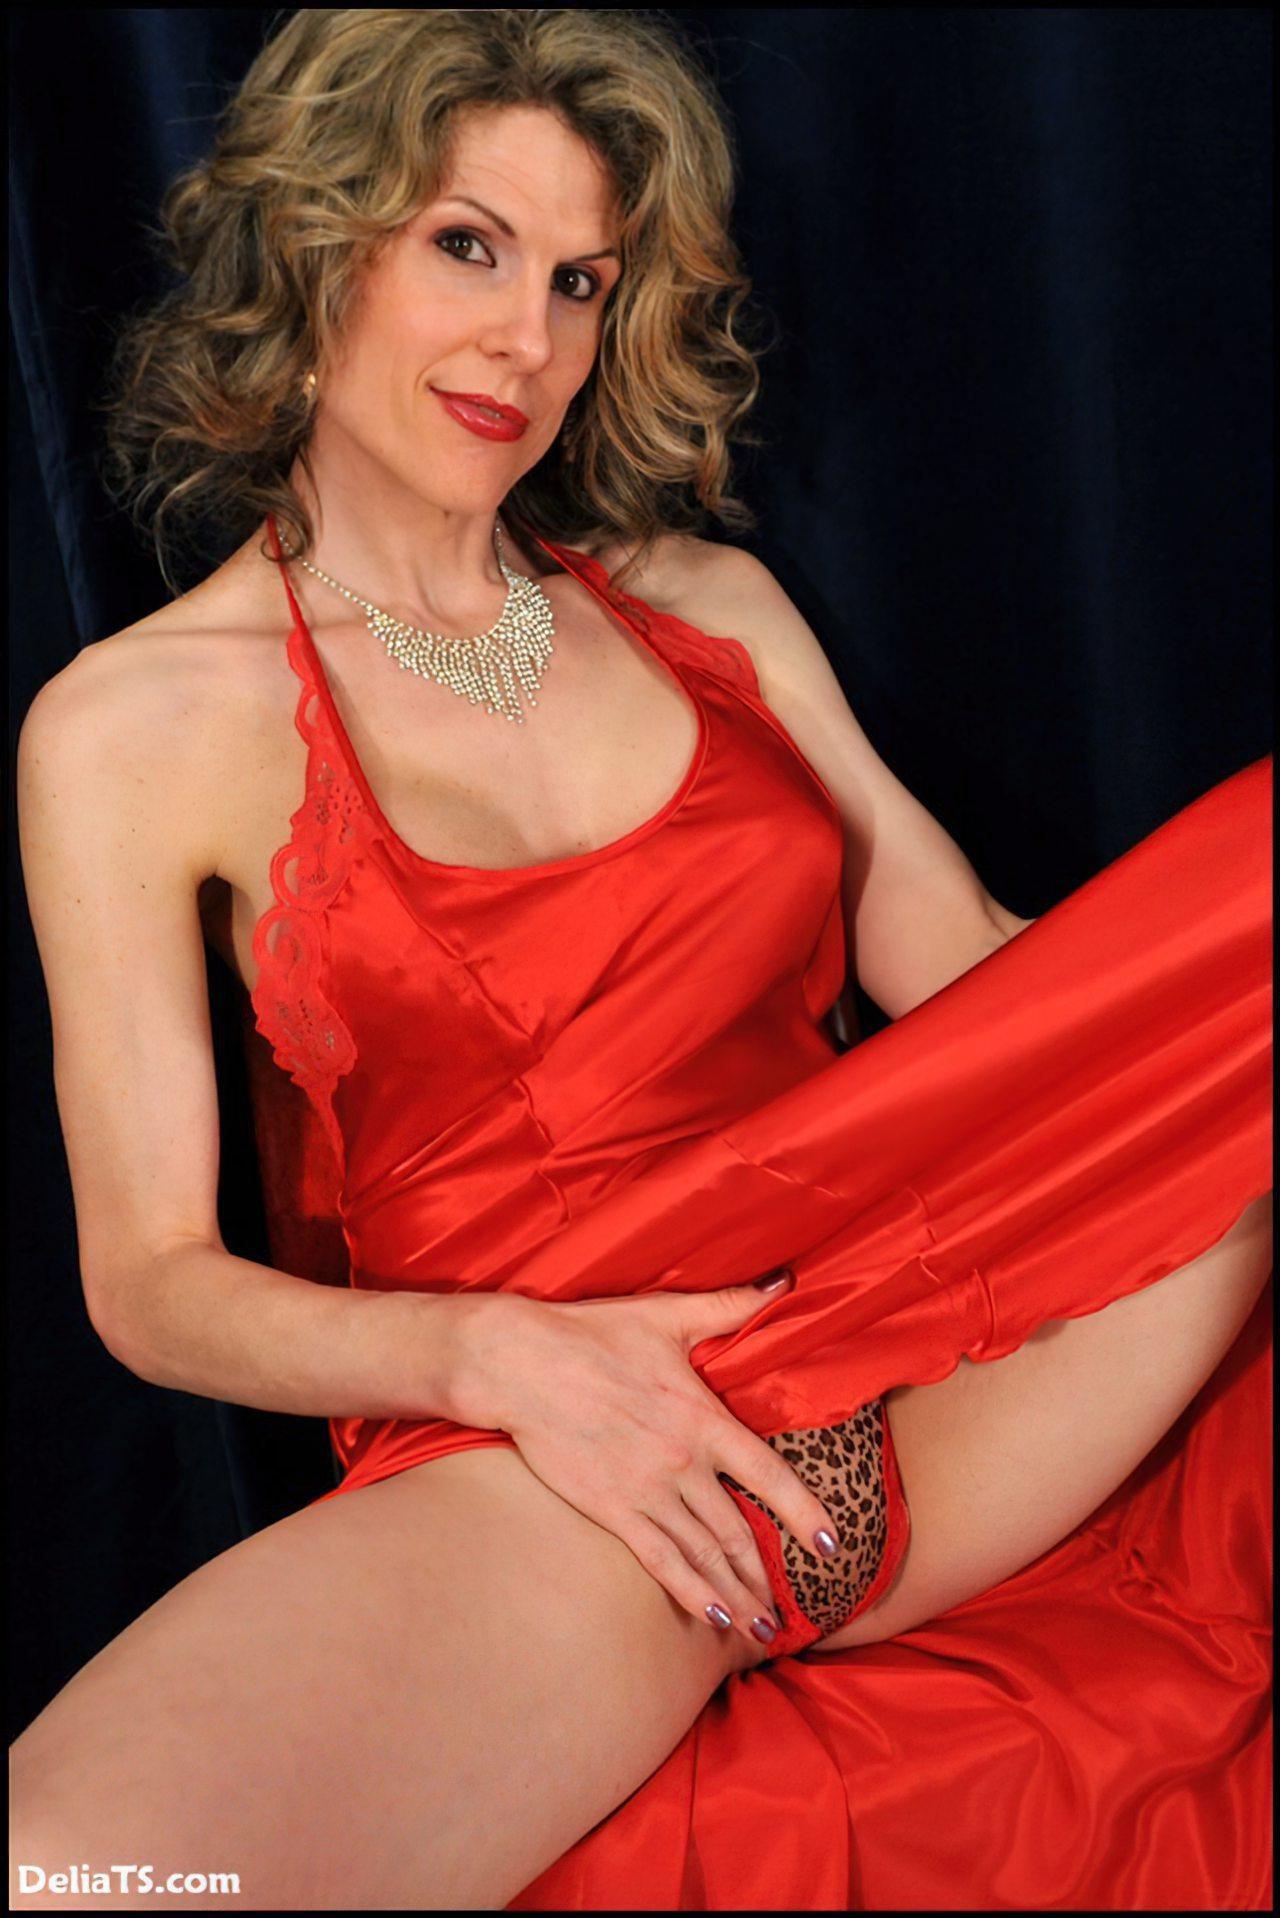 Delia Travesti (34)